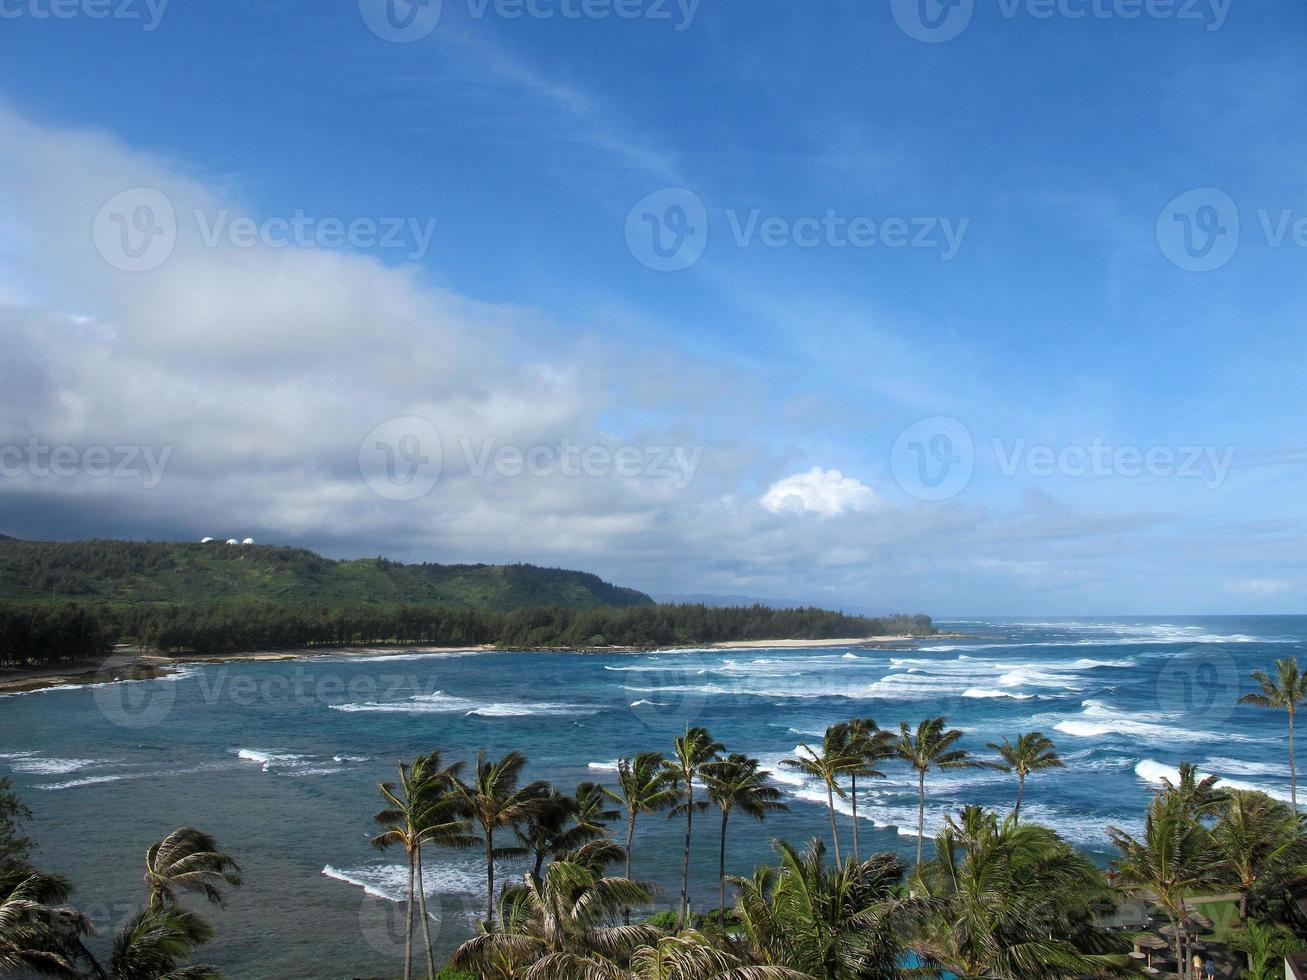 noordkust van oahu hawaii Stille Oceaan palmbomen foto